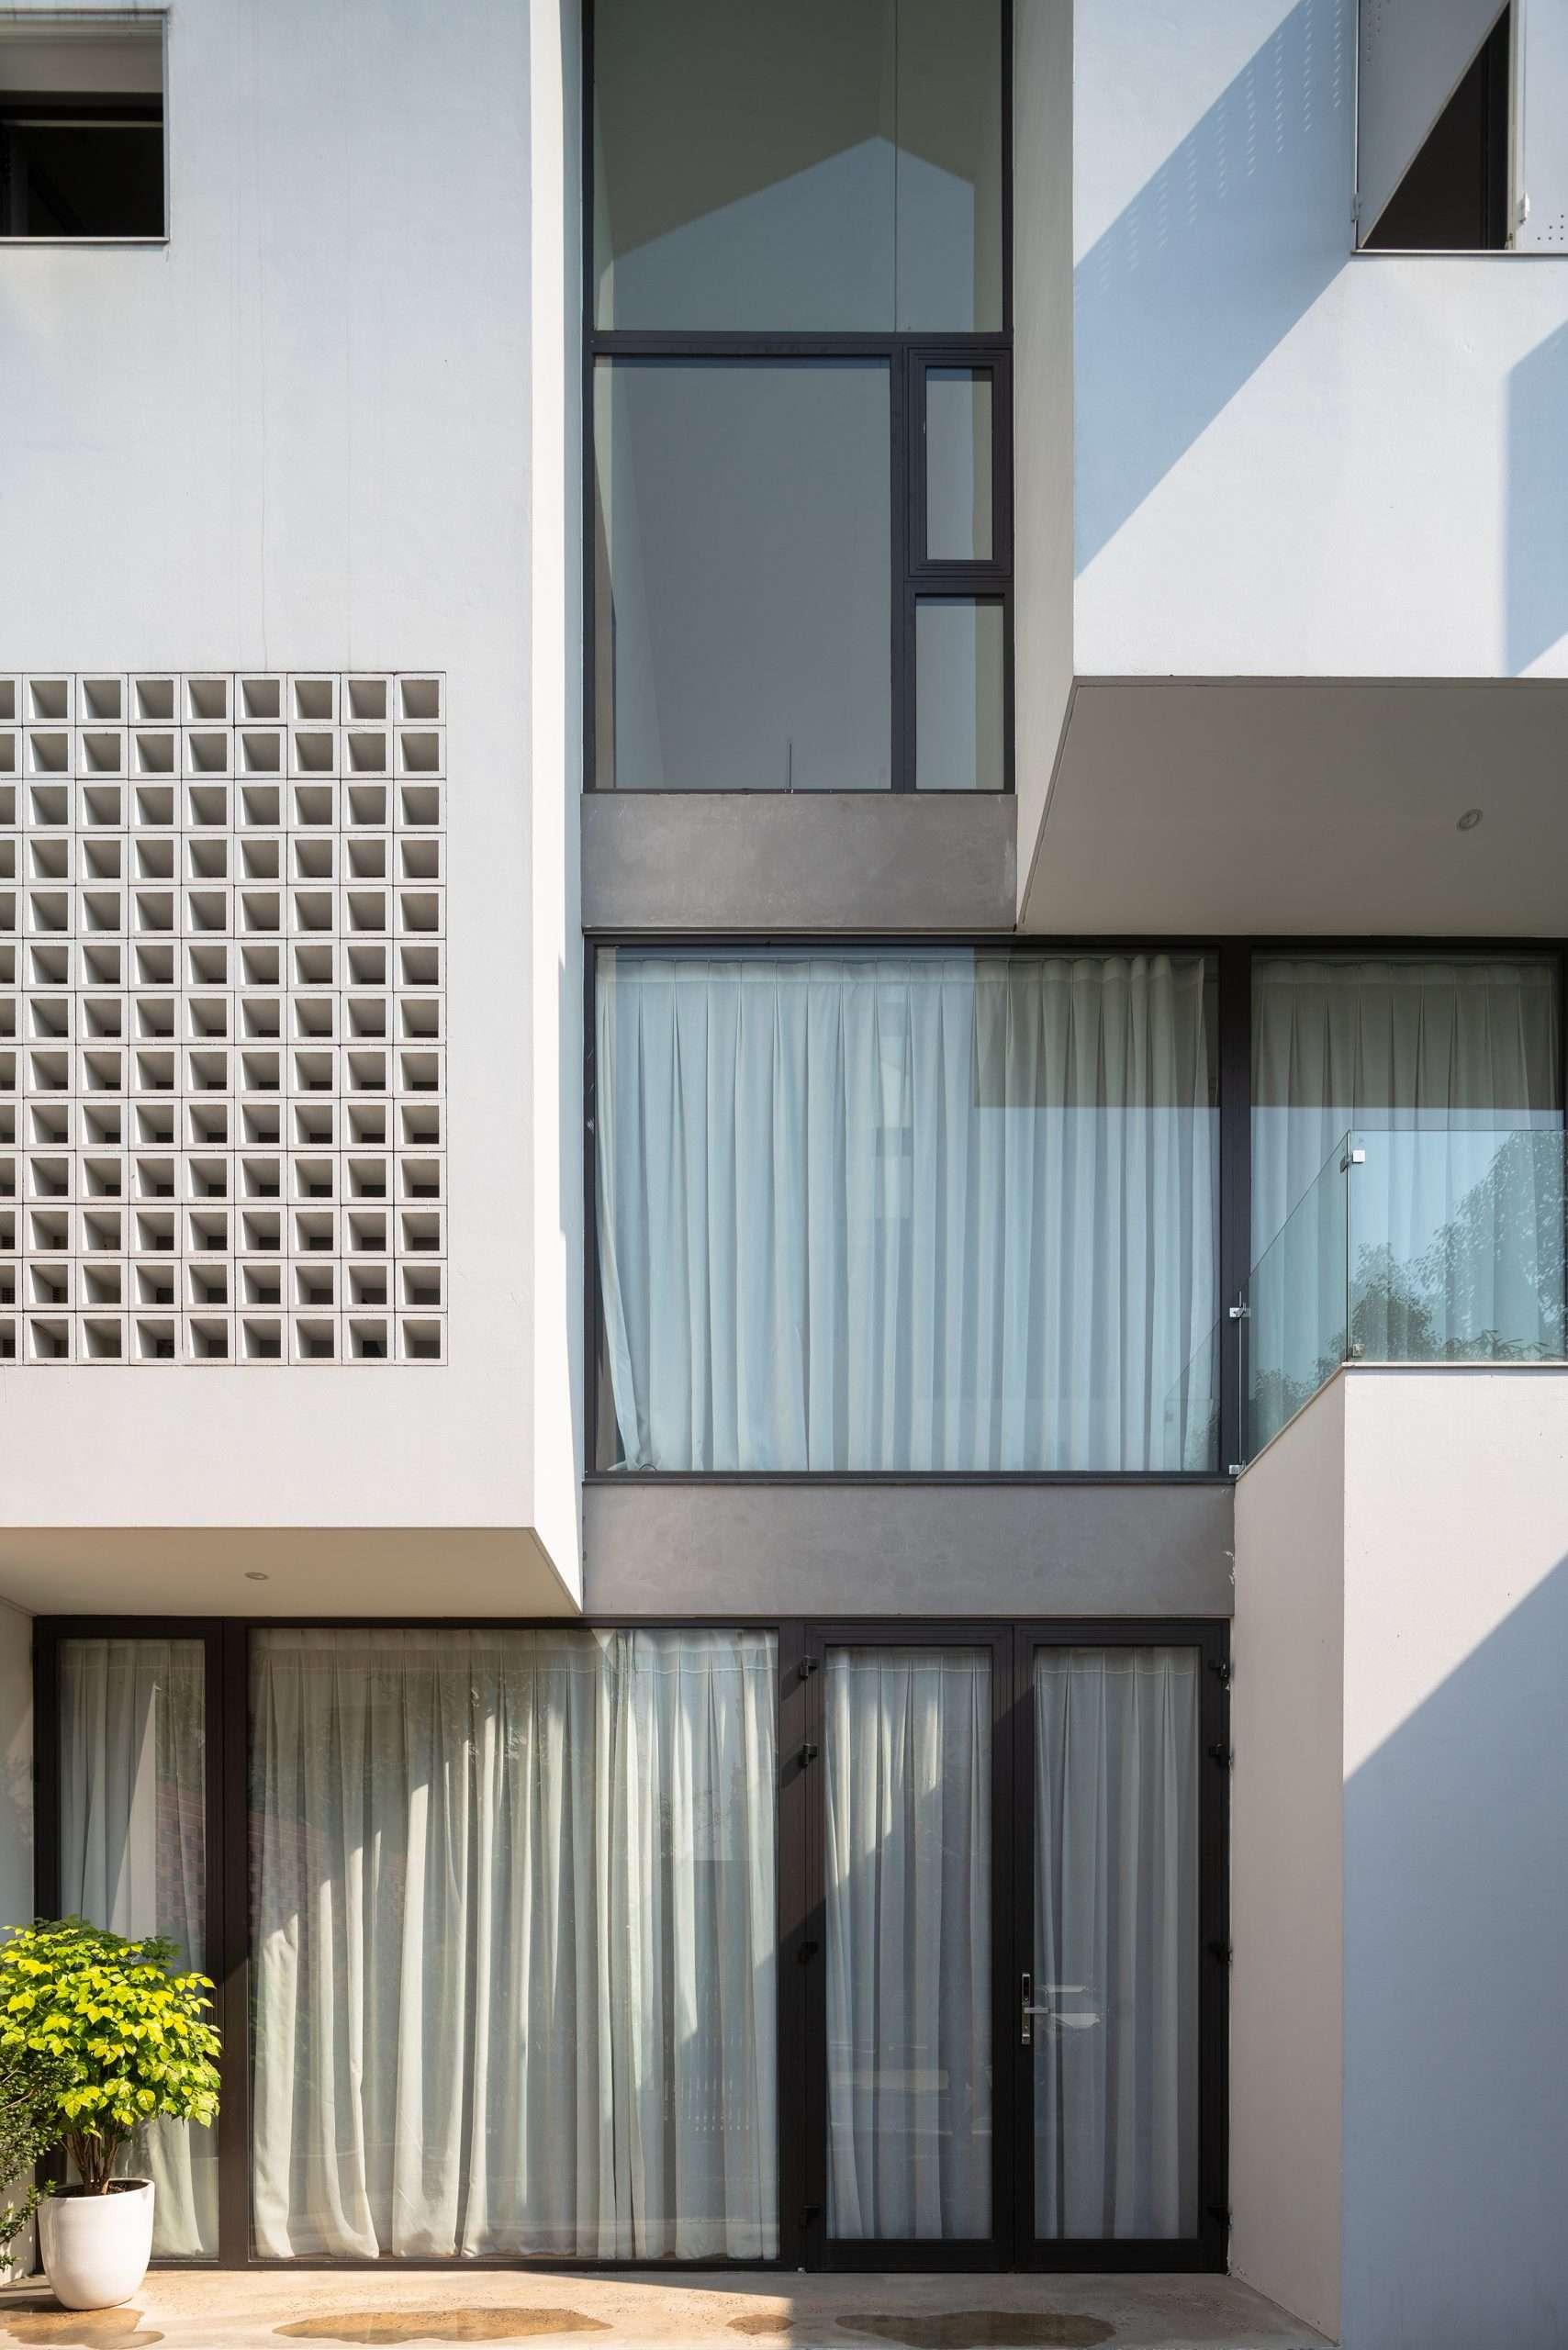 Nhà Hạ Long |  Cửa kính trong suốt và ô gió thay thế cho tường nguyên khối